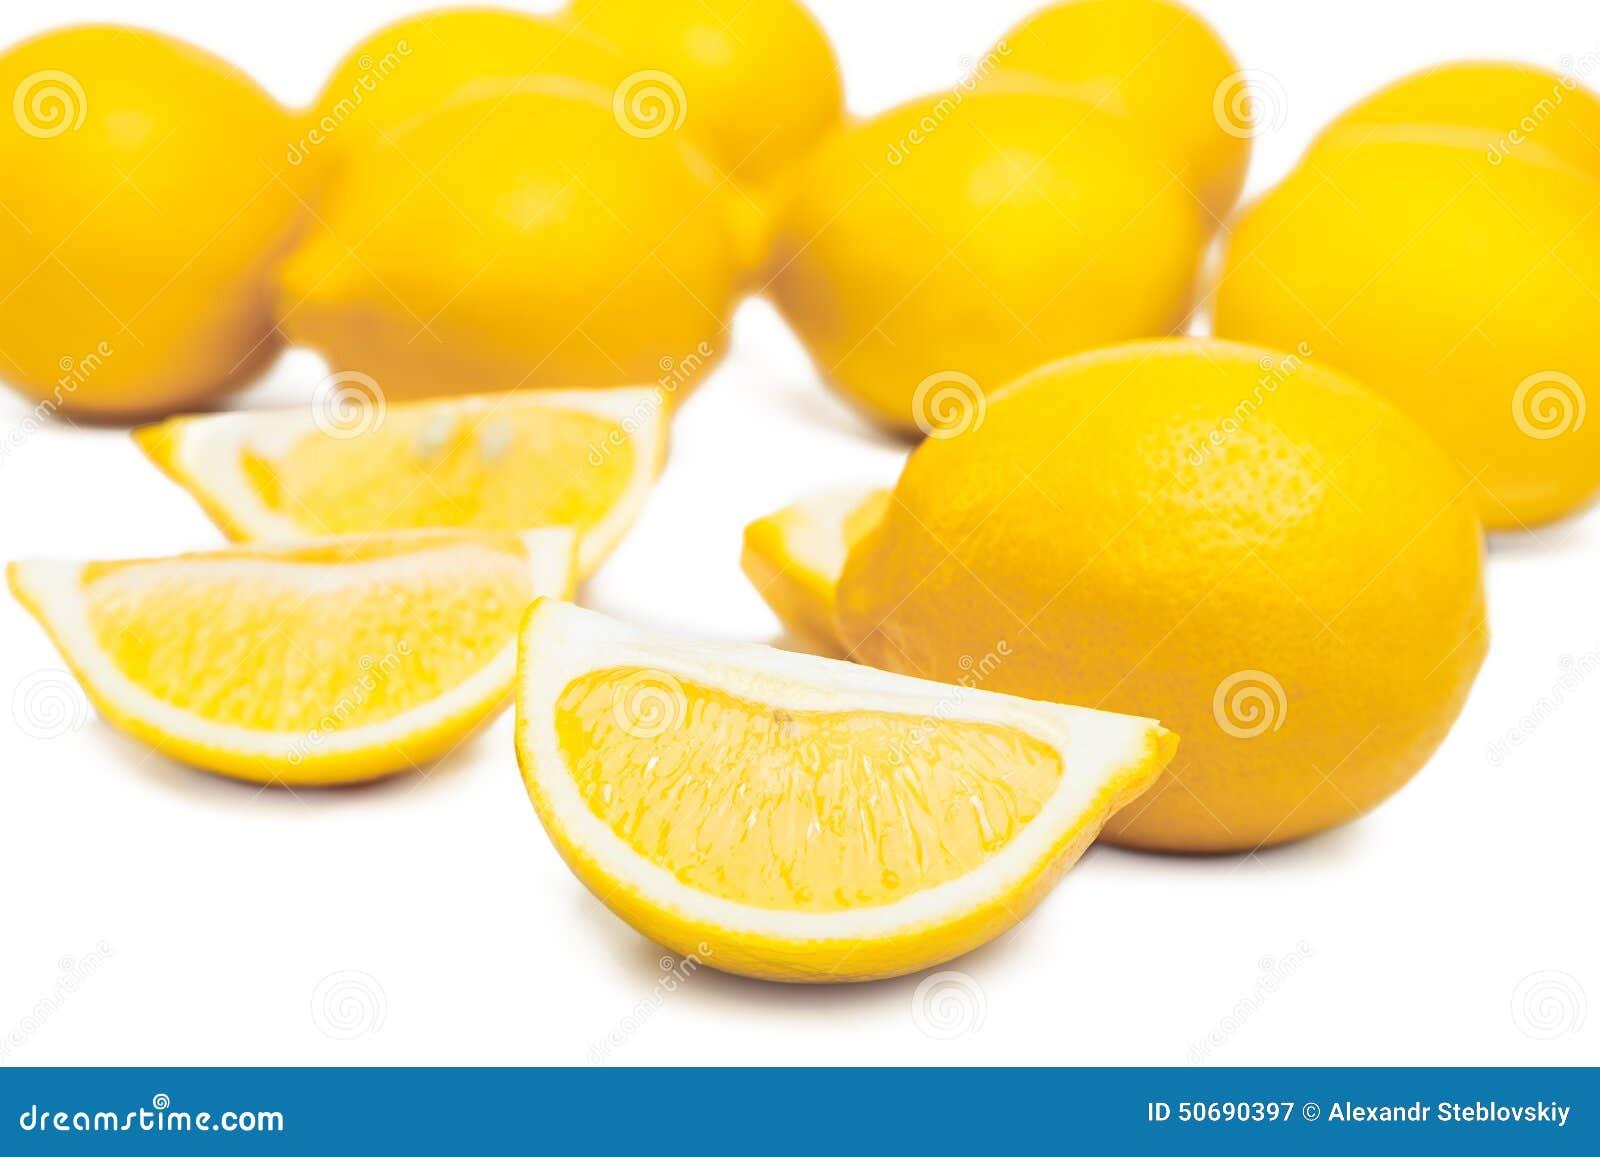 Download 柠檬 库存图片. 图片 包括有 食物, 茶点, 柑橘, 药片, 远程, 健康, 反映, 背包, 充分, 柠檬 - 50690397